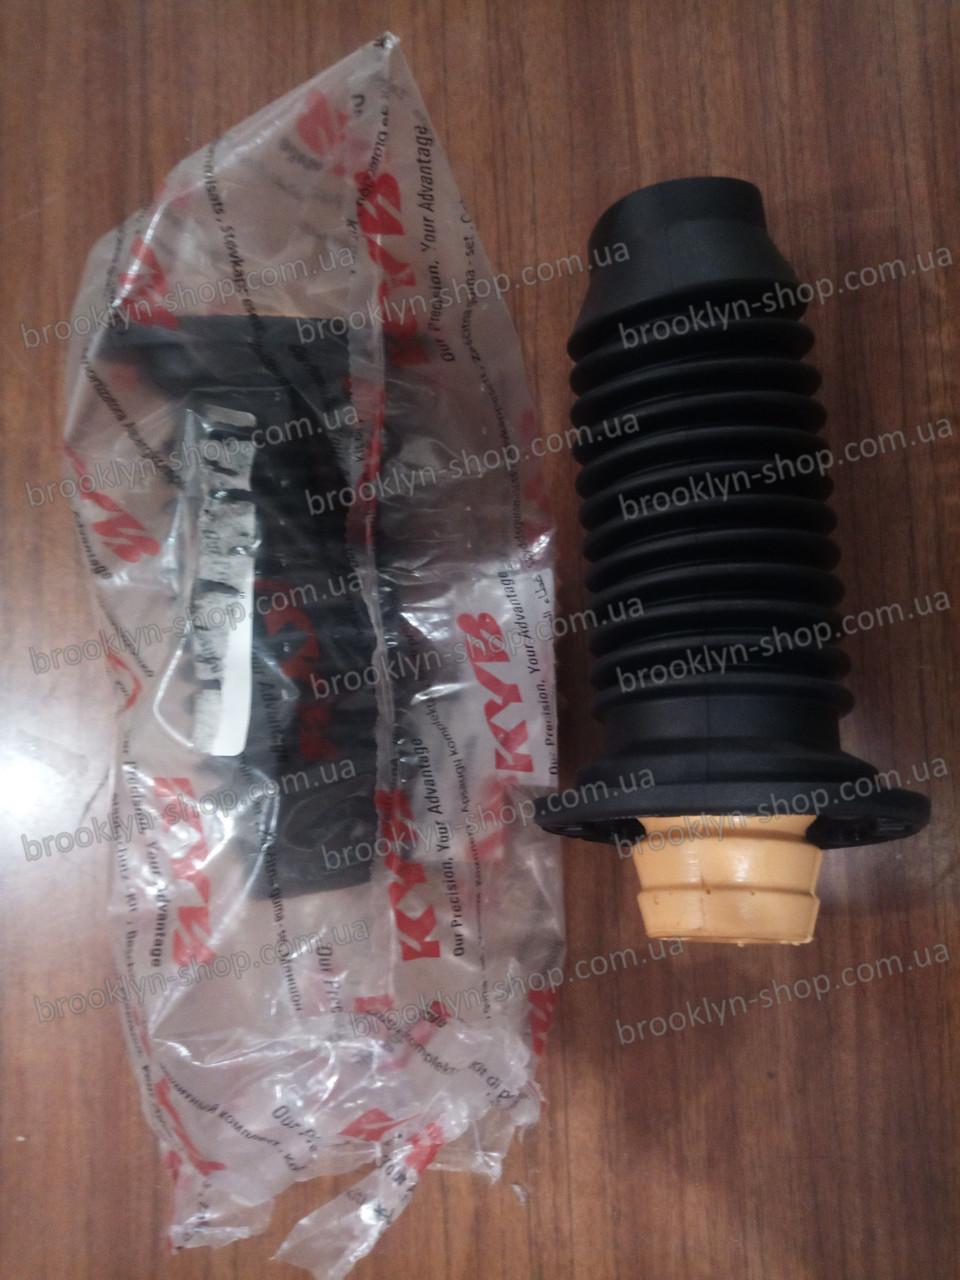 Пыльник + отбойник амортизатора переднего (KAYABA) (ком-кт на 2 амортизатора) Geely LC Cross (GX2)